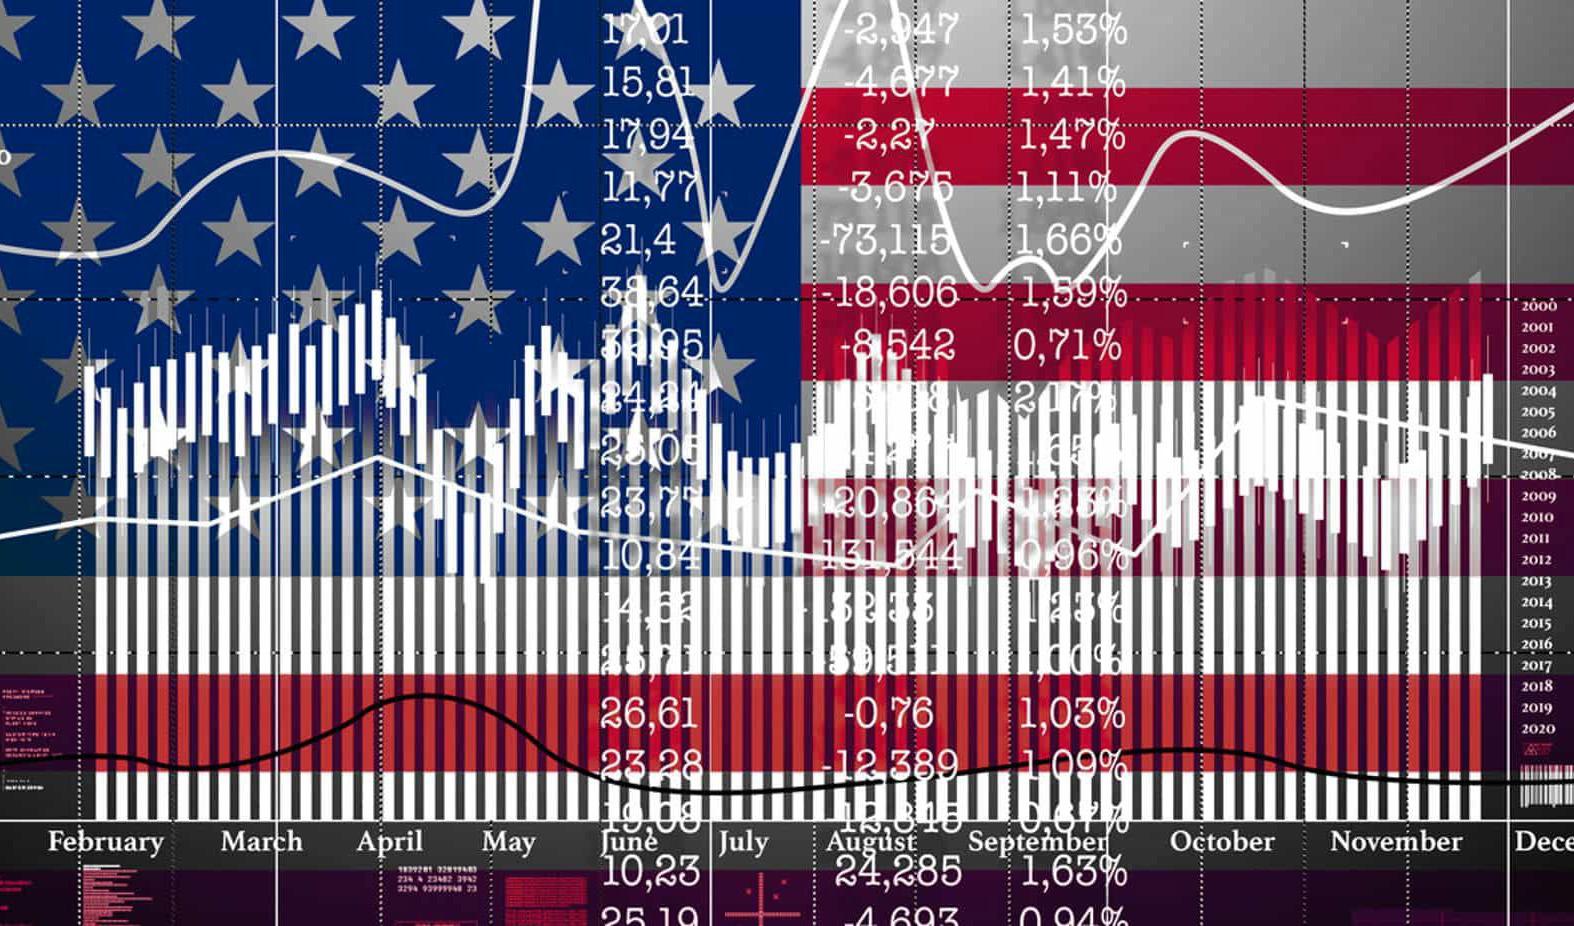 گلدمن ساکس پیشبینی رشد اقتصادی آمریکا را کاهش داد